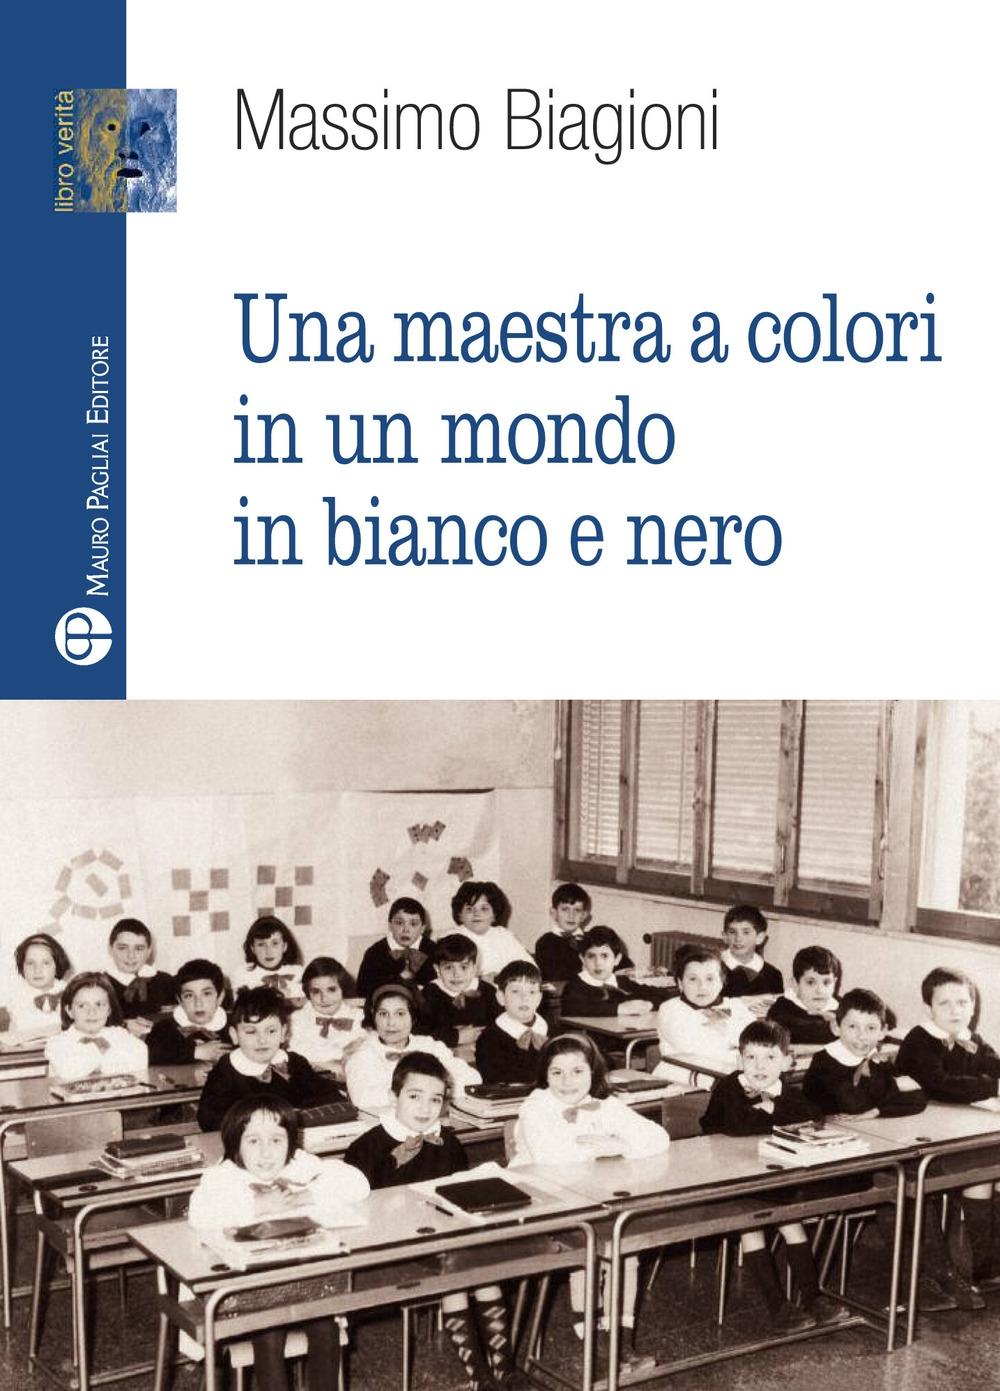 Una maestra a colori in un mondo in bianco e nero